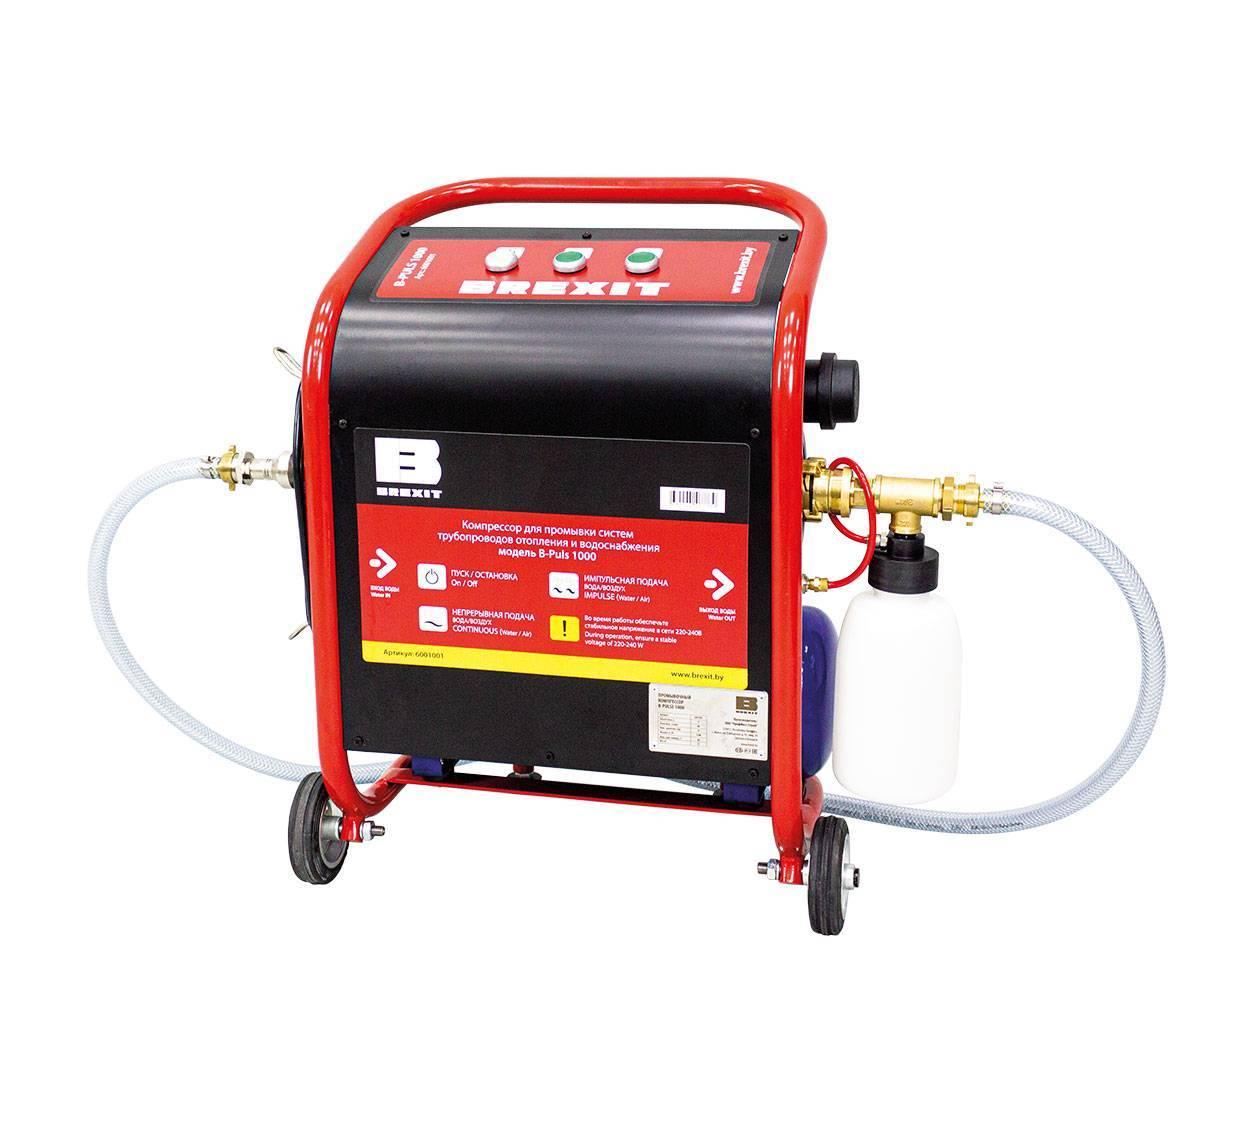 Система для промывки системы отопления – основные модели